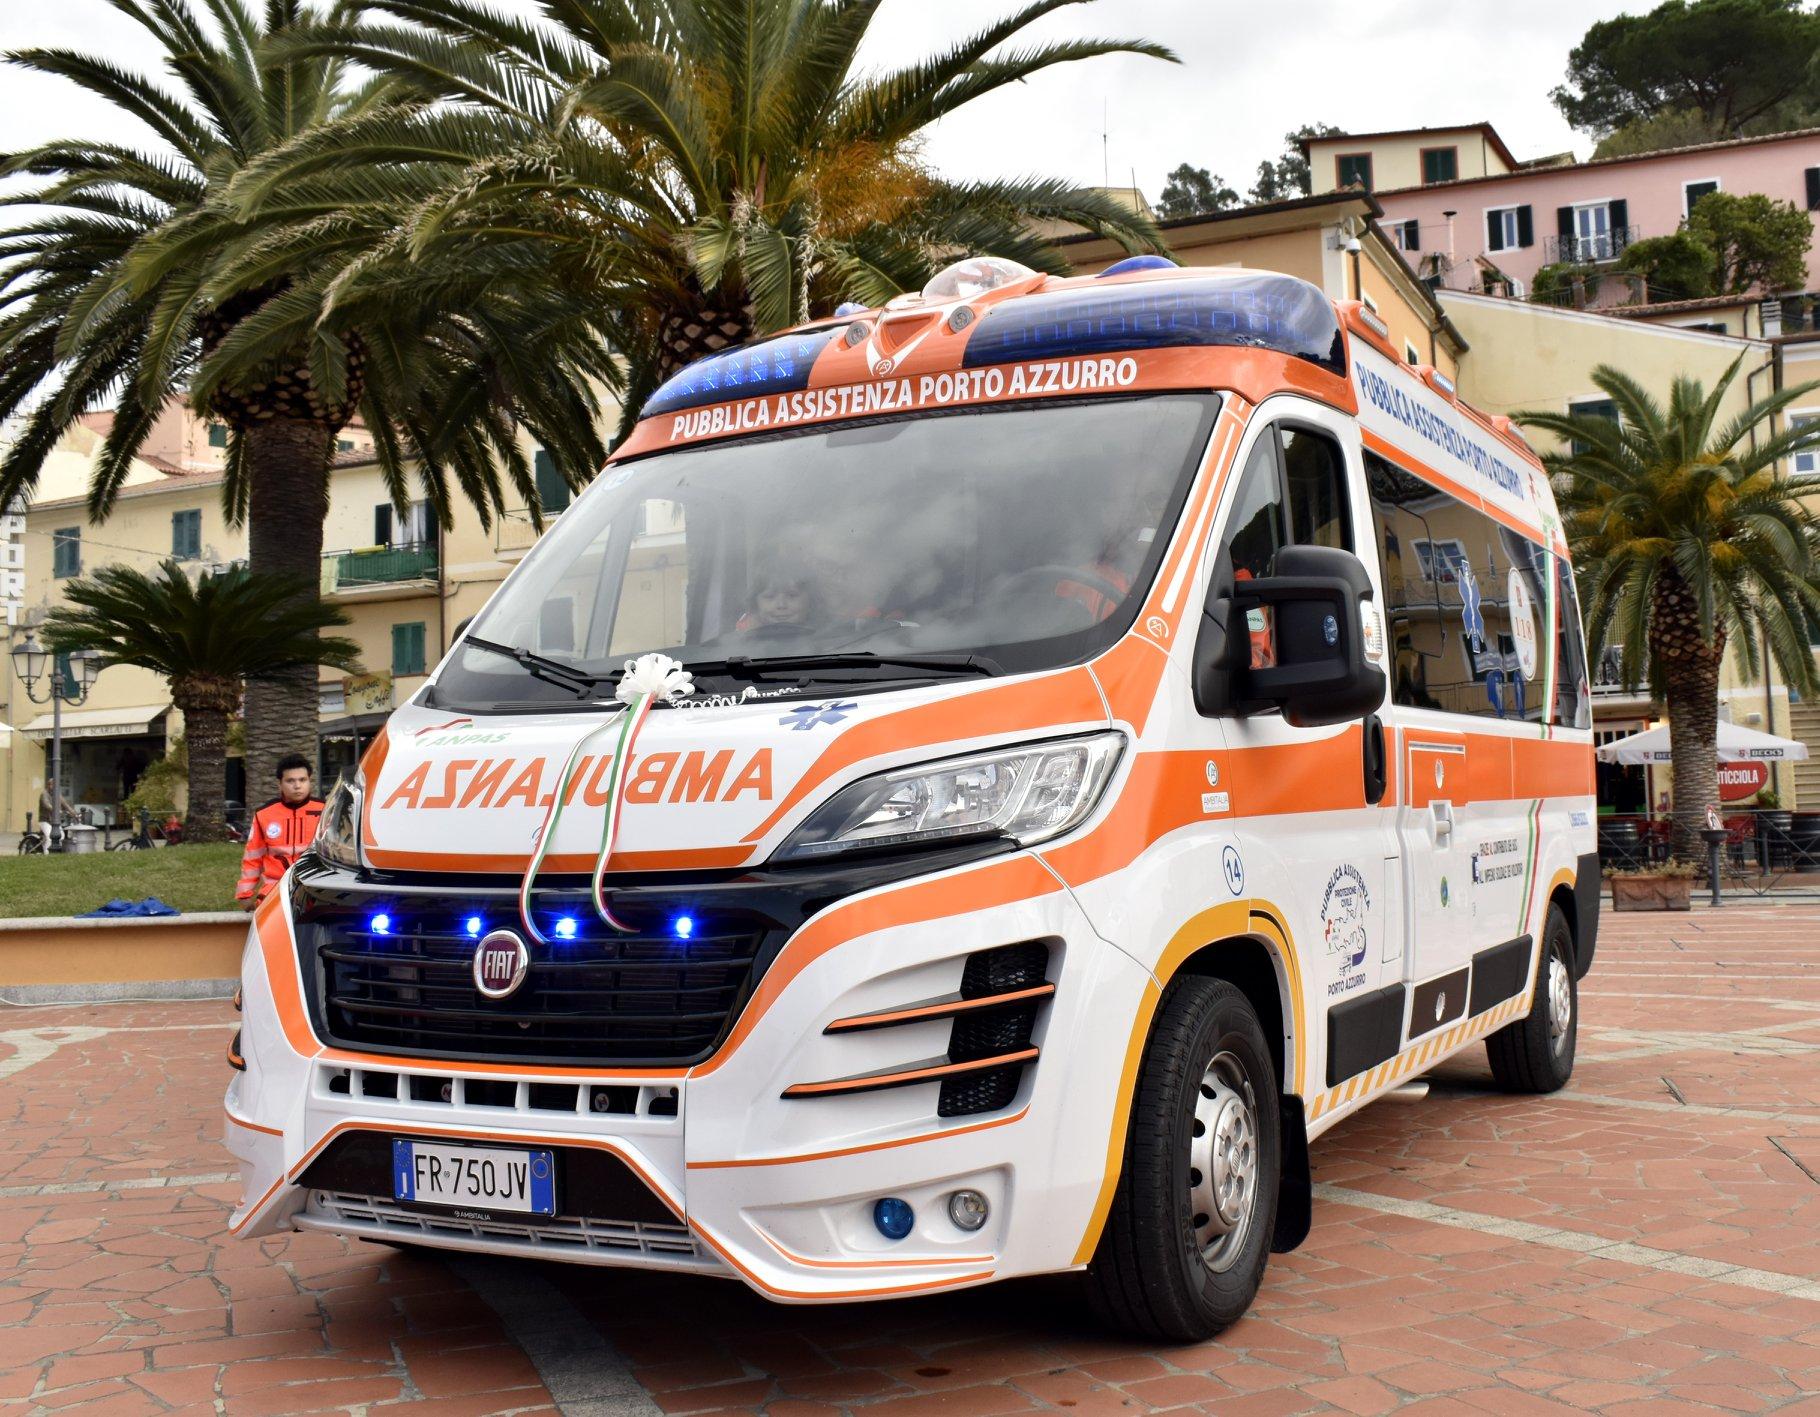 La nuova Ambulanza 118 della Pubblica Assistenza Porto Azzurro